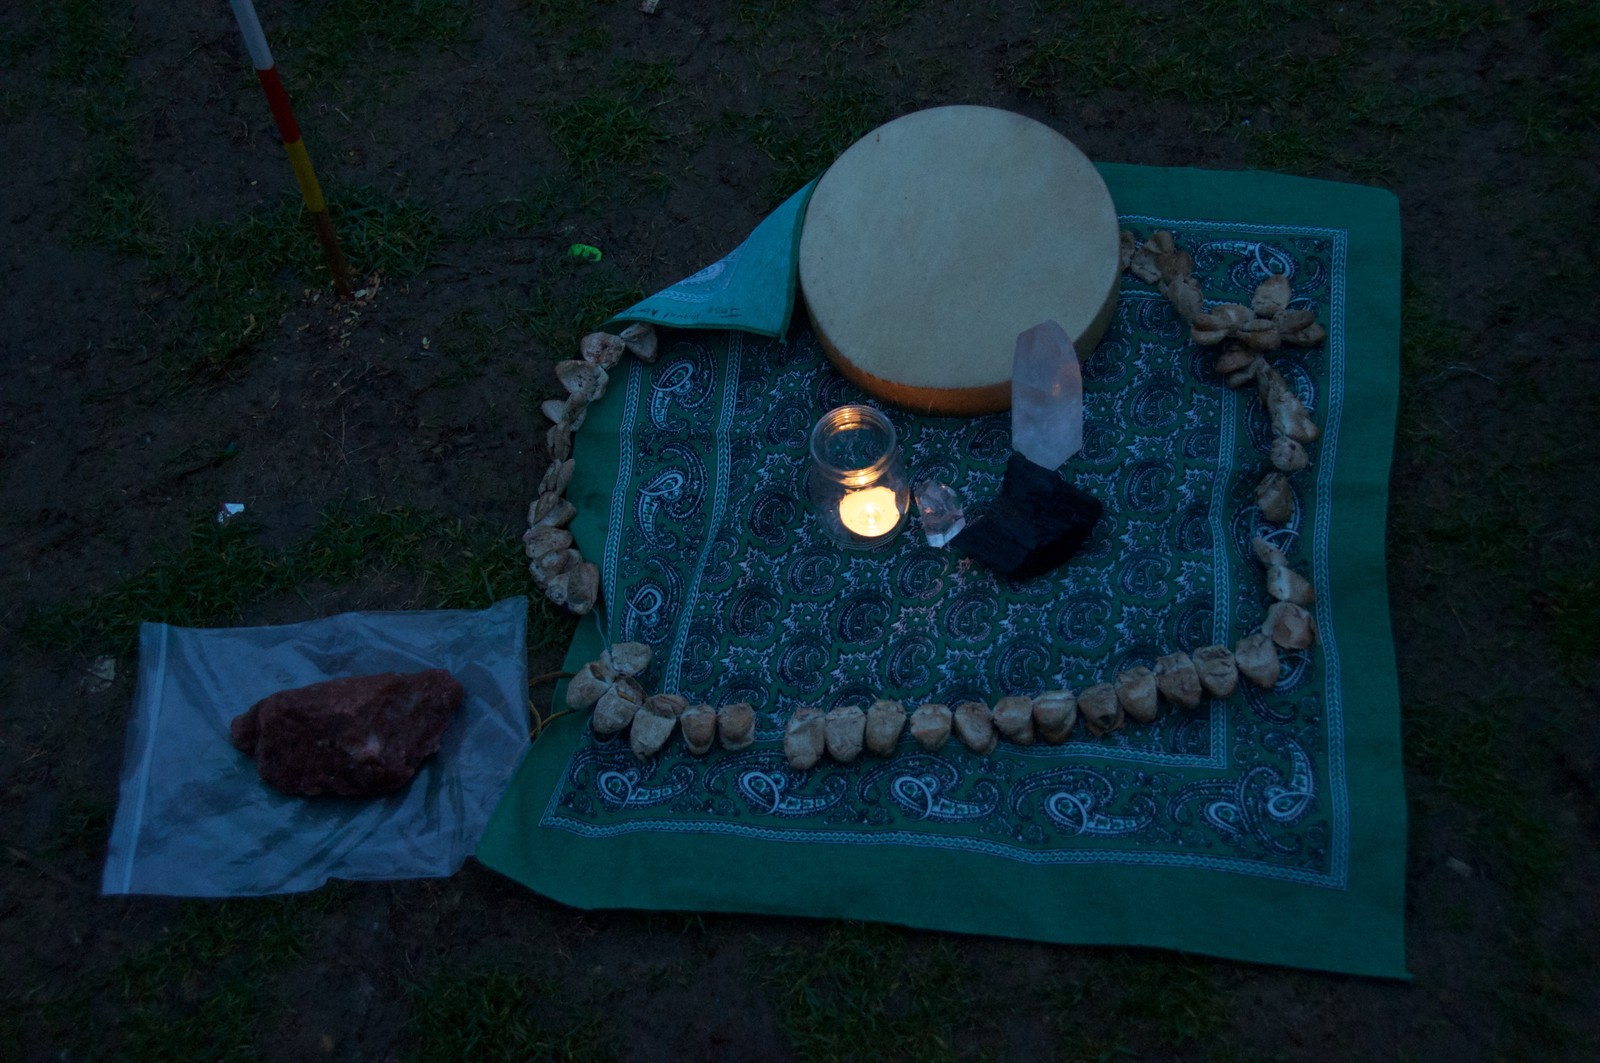 Soloppgangsseremoniens rituelle verktøy.  Urfolk samlet seg til soloppgangsseremoni nedenfor Eiffel tårnet.